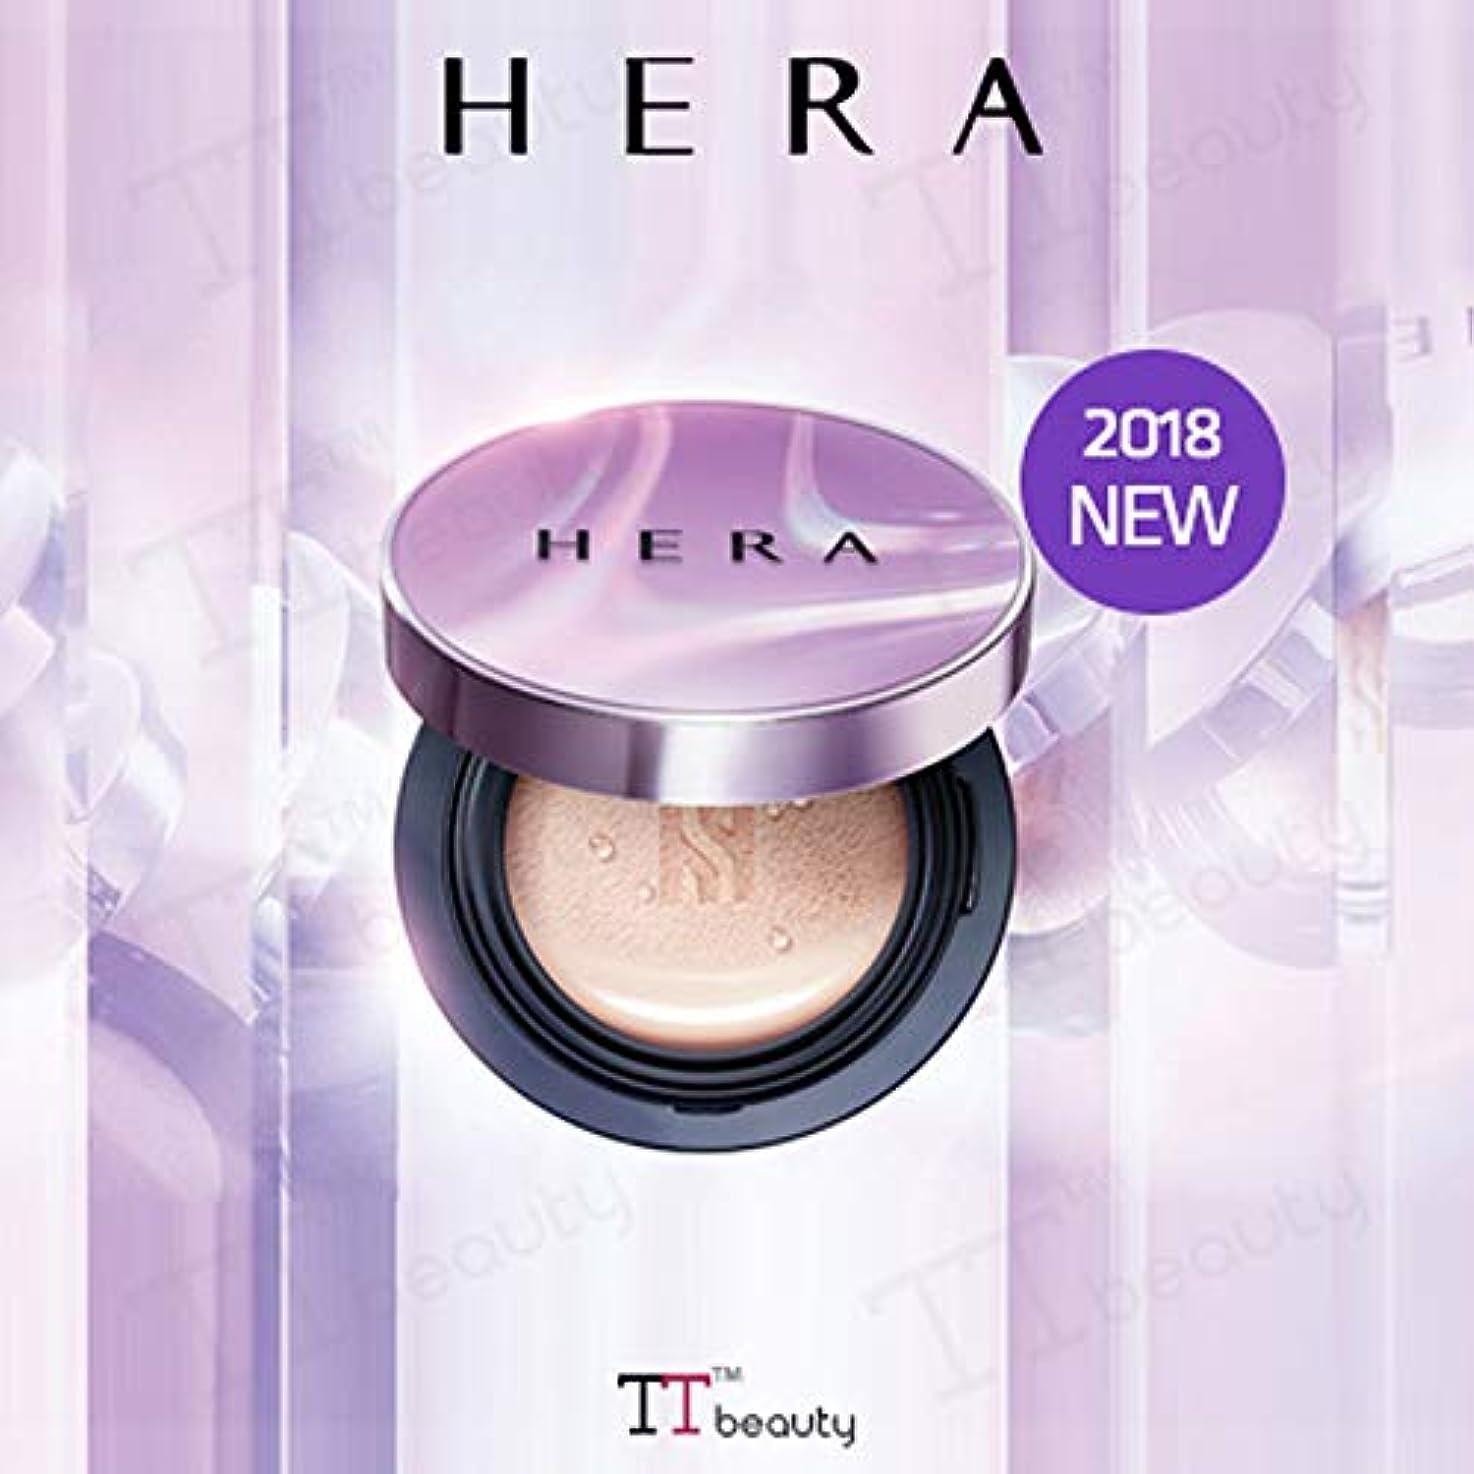 ナイトスポットスマイル勉強する[HERA/ヘラ]UVミストクッションカバー(15gx2)/UV MIST CUSHION COVER SPF50+/PA+++[2018新発売][TTBEAUTY][韓国コスメ] (No.C15-Rose Ivory...